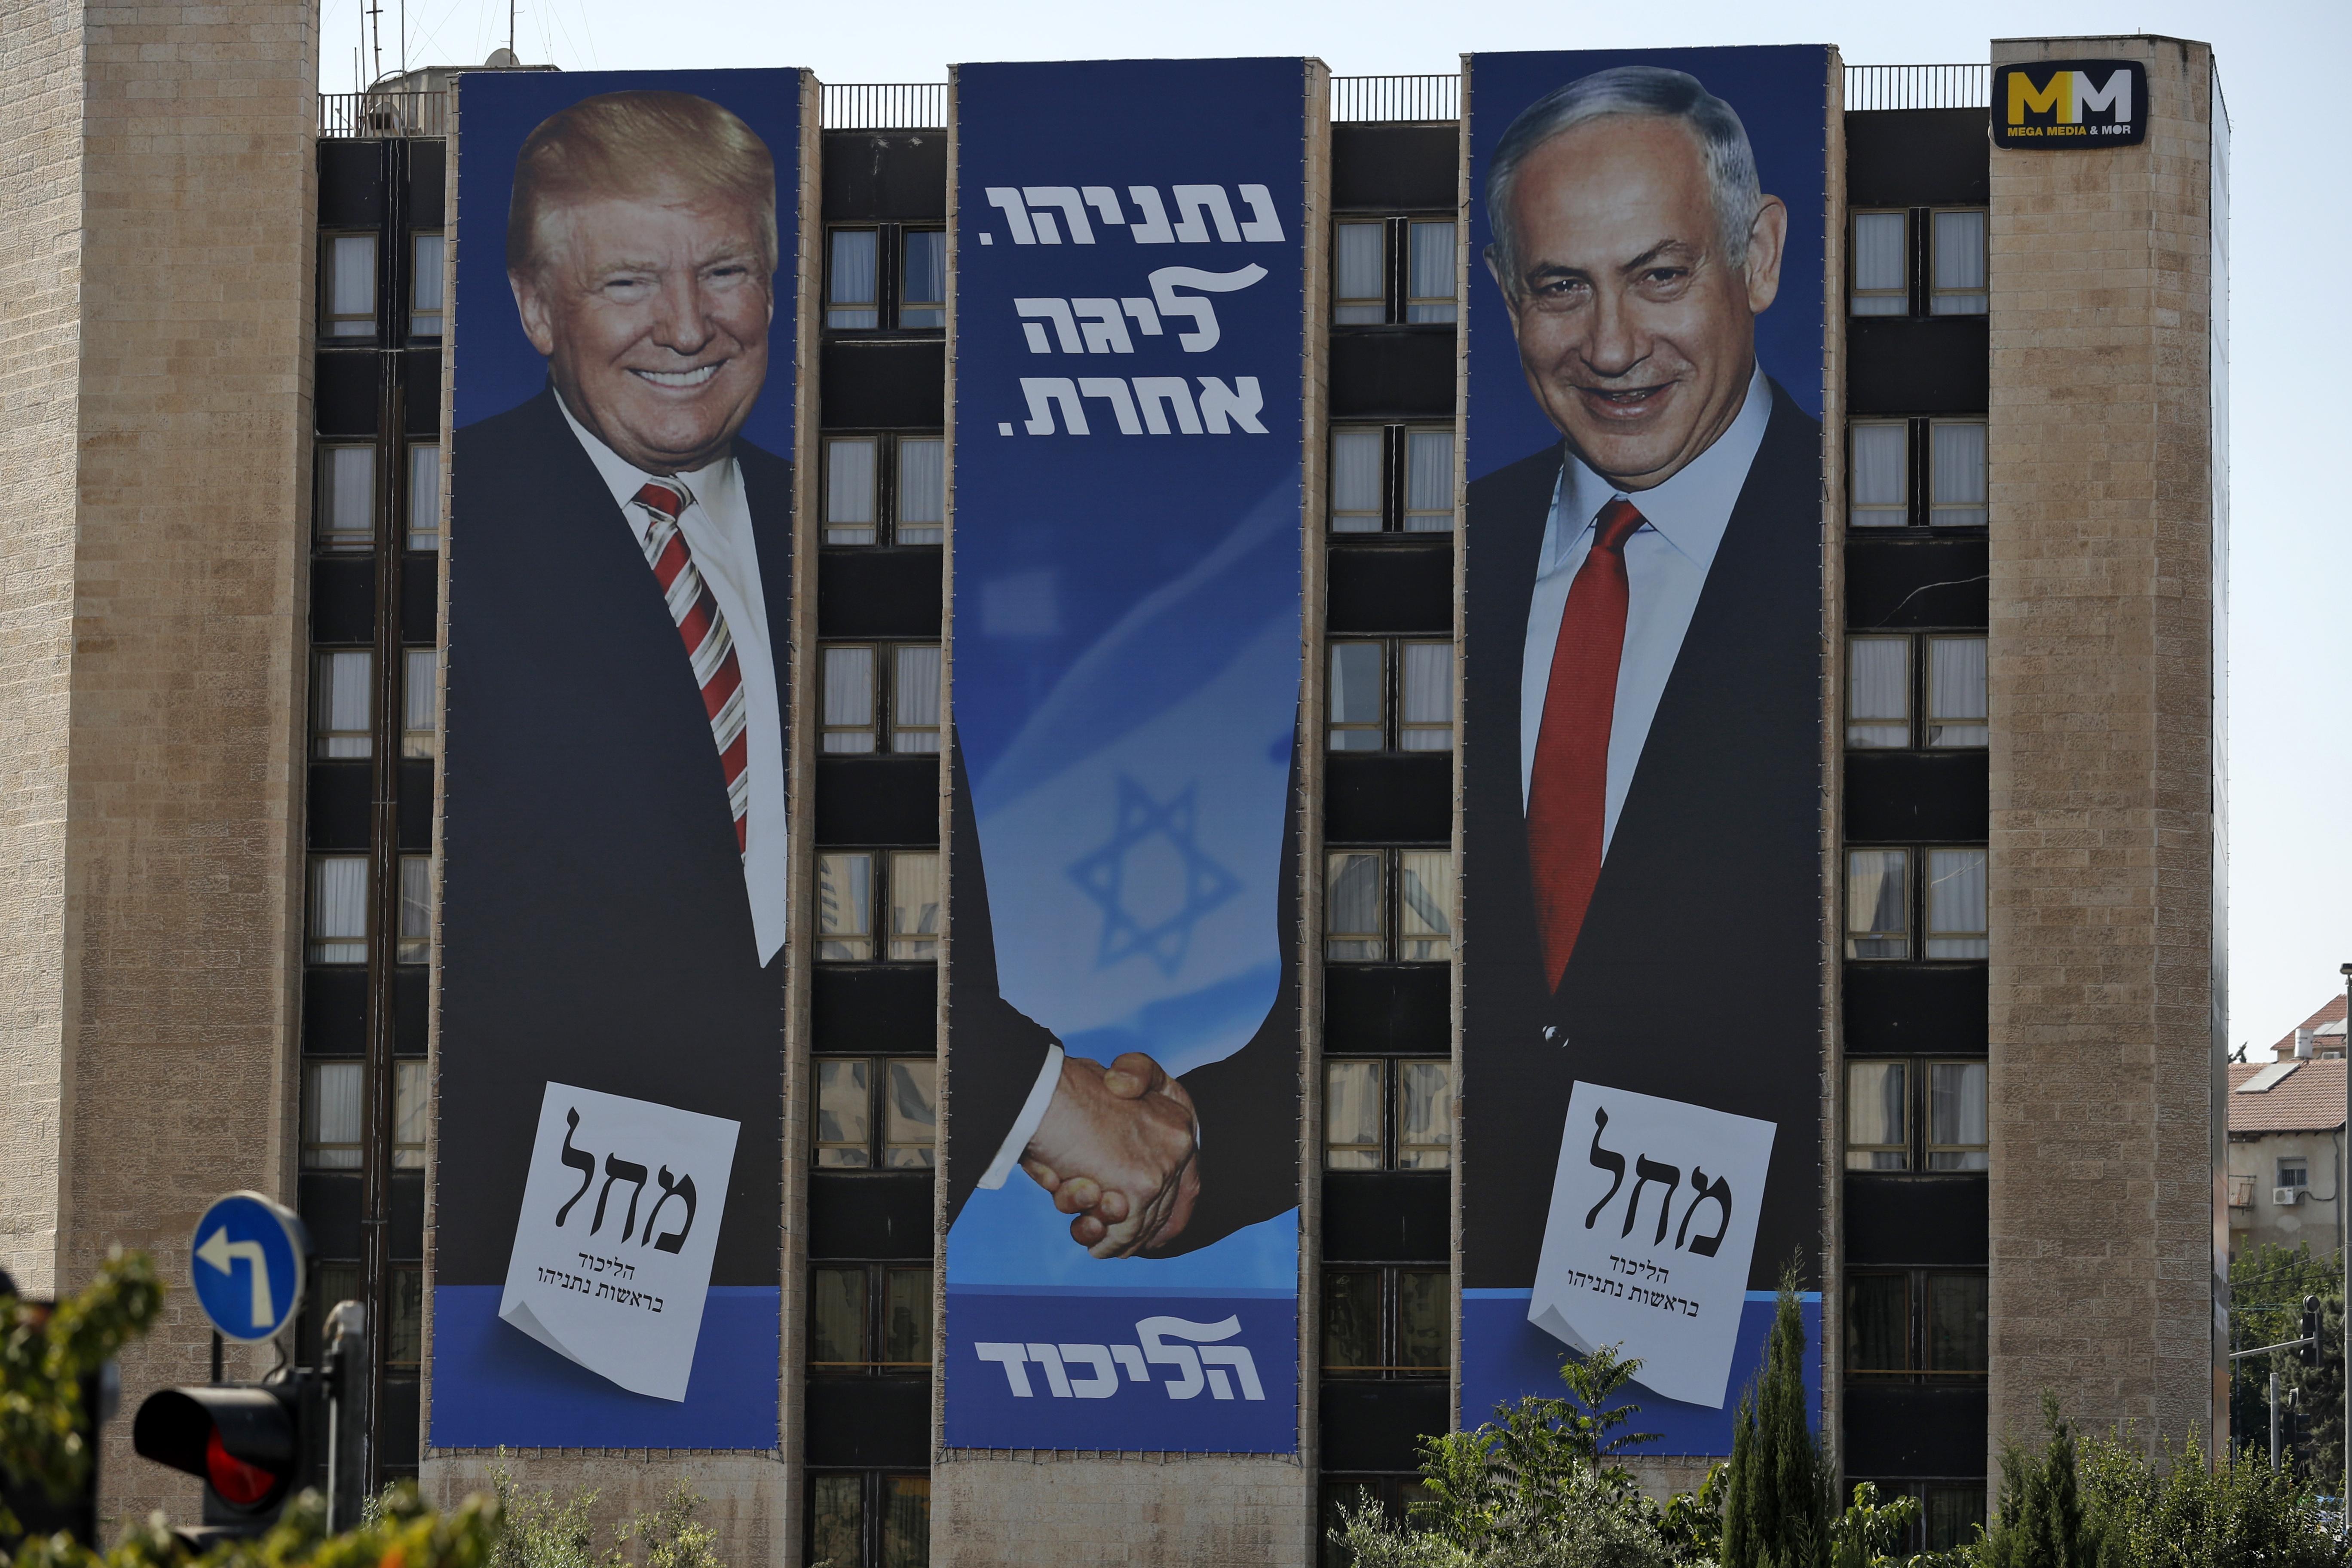 الرئيس الأميركي دونالد ترامب ورئيس الوزراء بنيامين نتانياهو على ملصقات للانتخابات الإسرائيلية